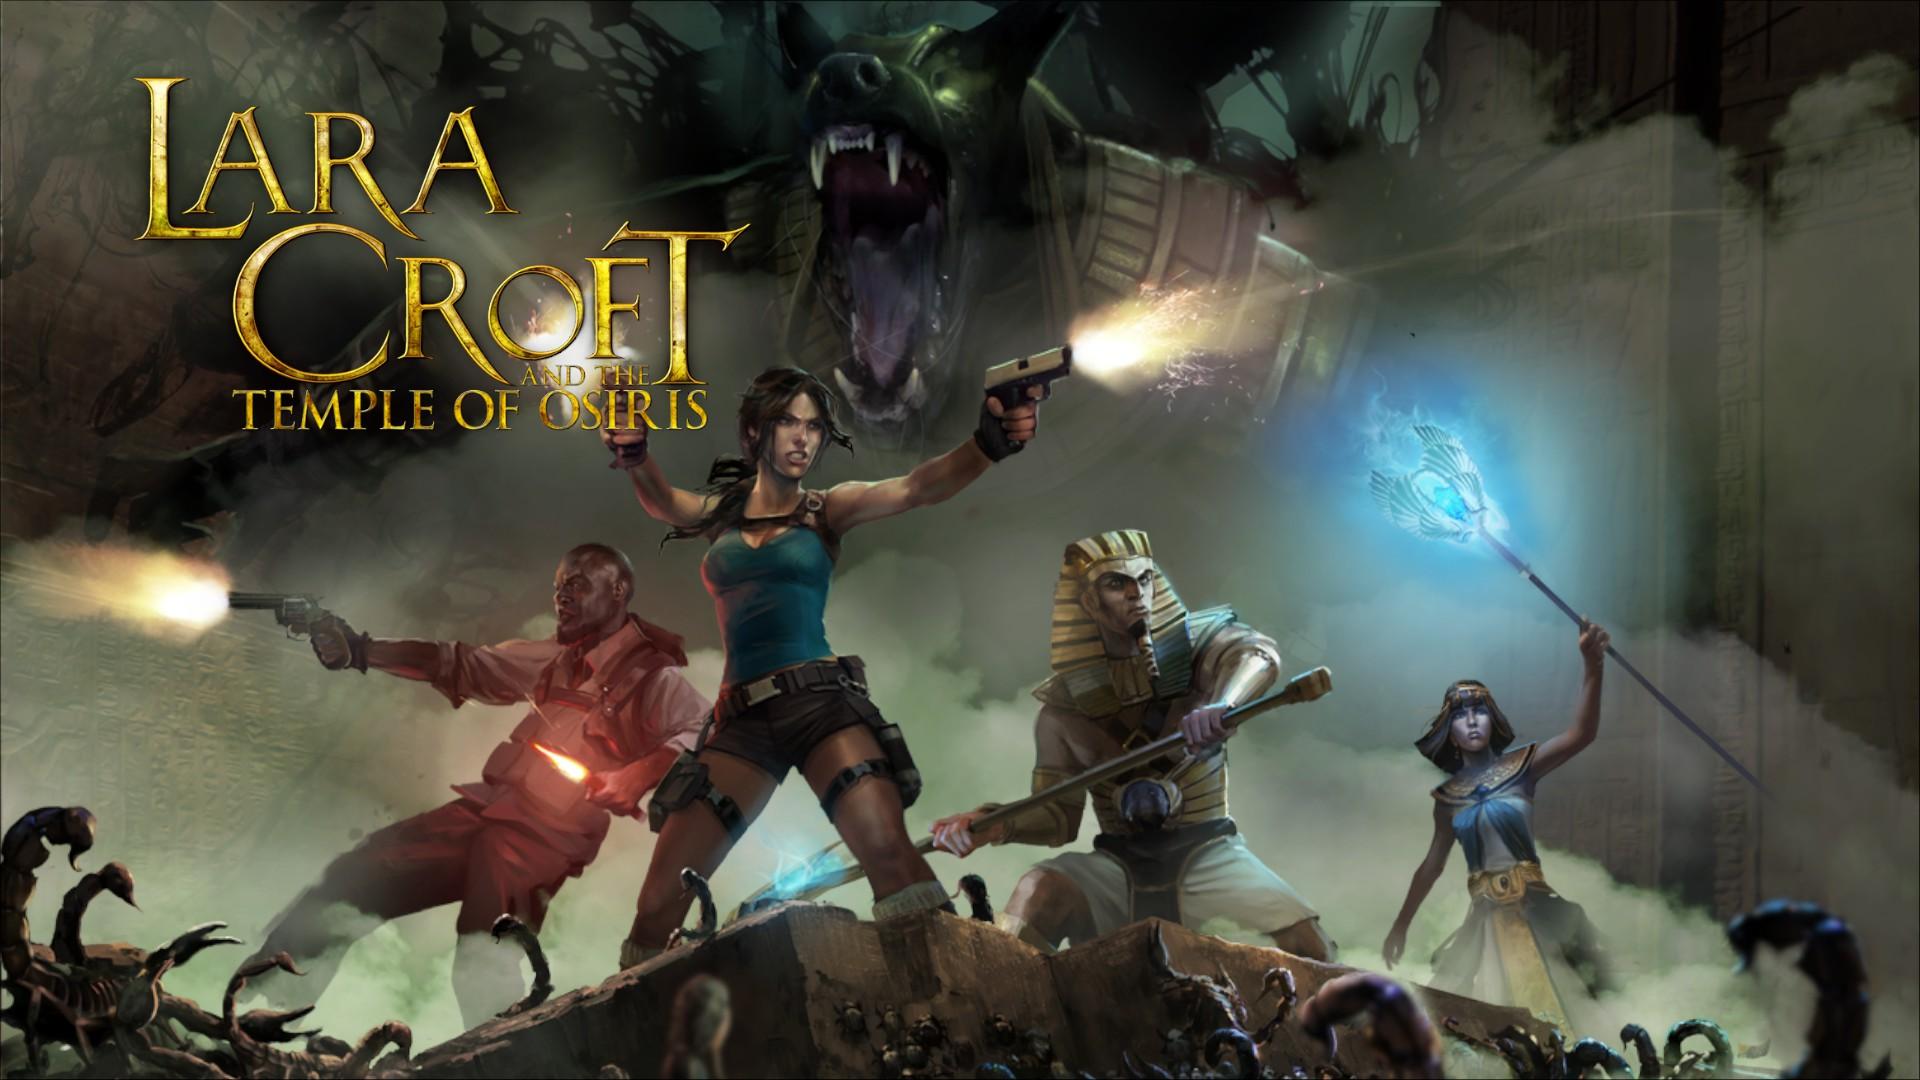 라라 크로포트와 오시리스의 사원- 전투와 퍼즐 2